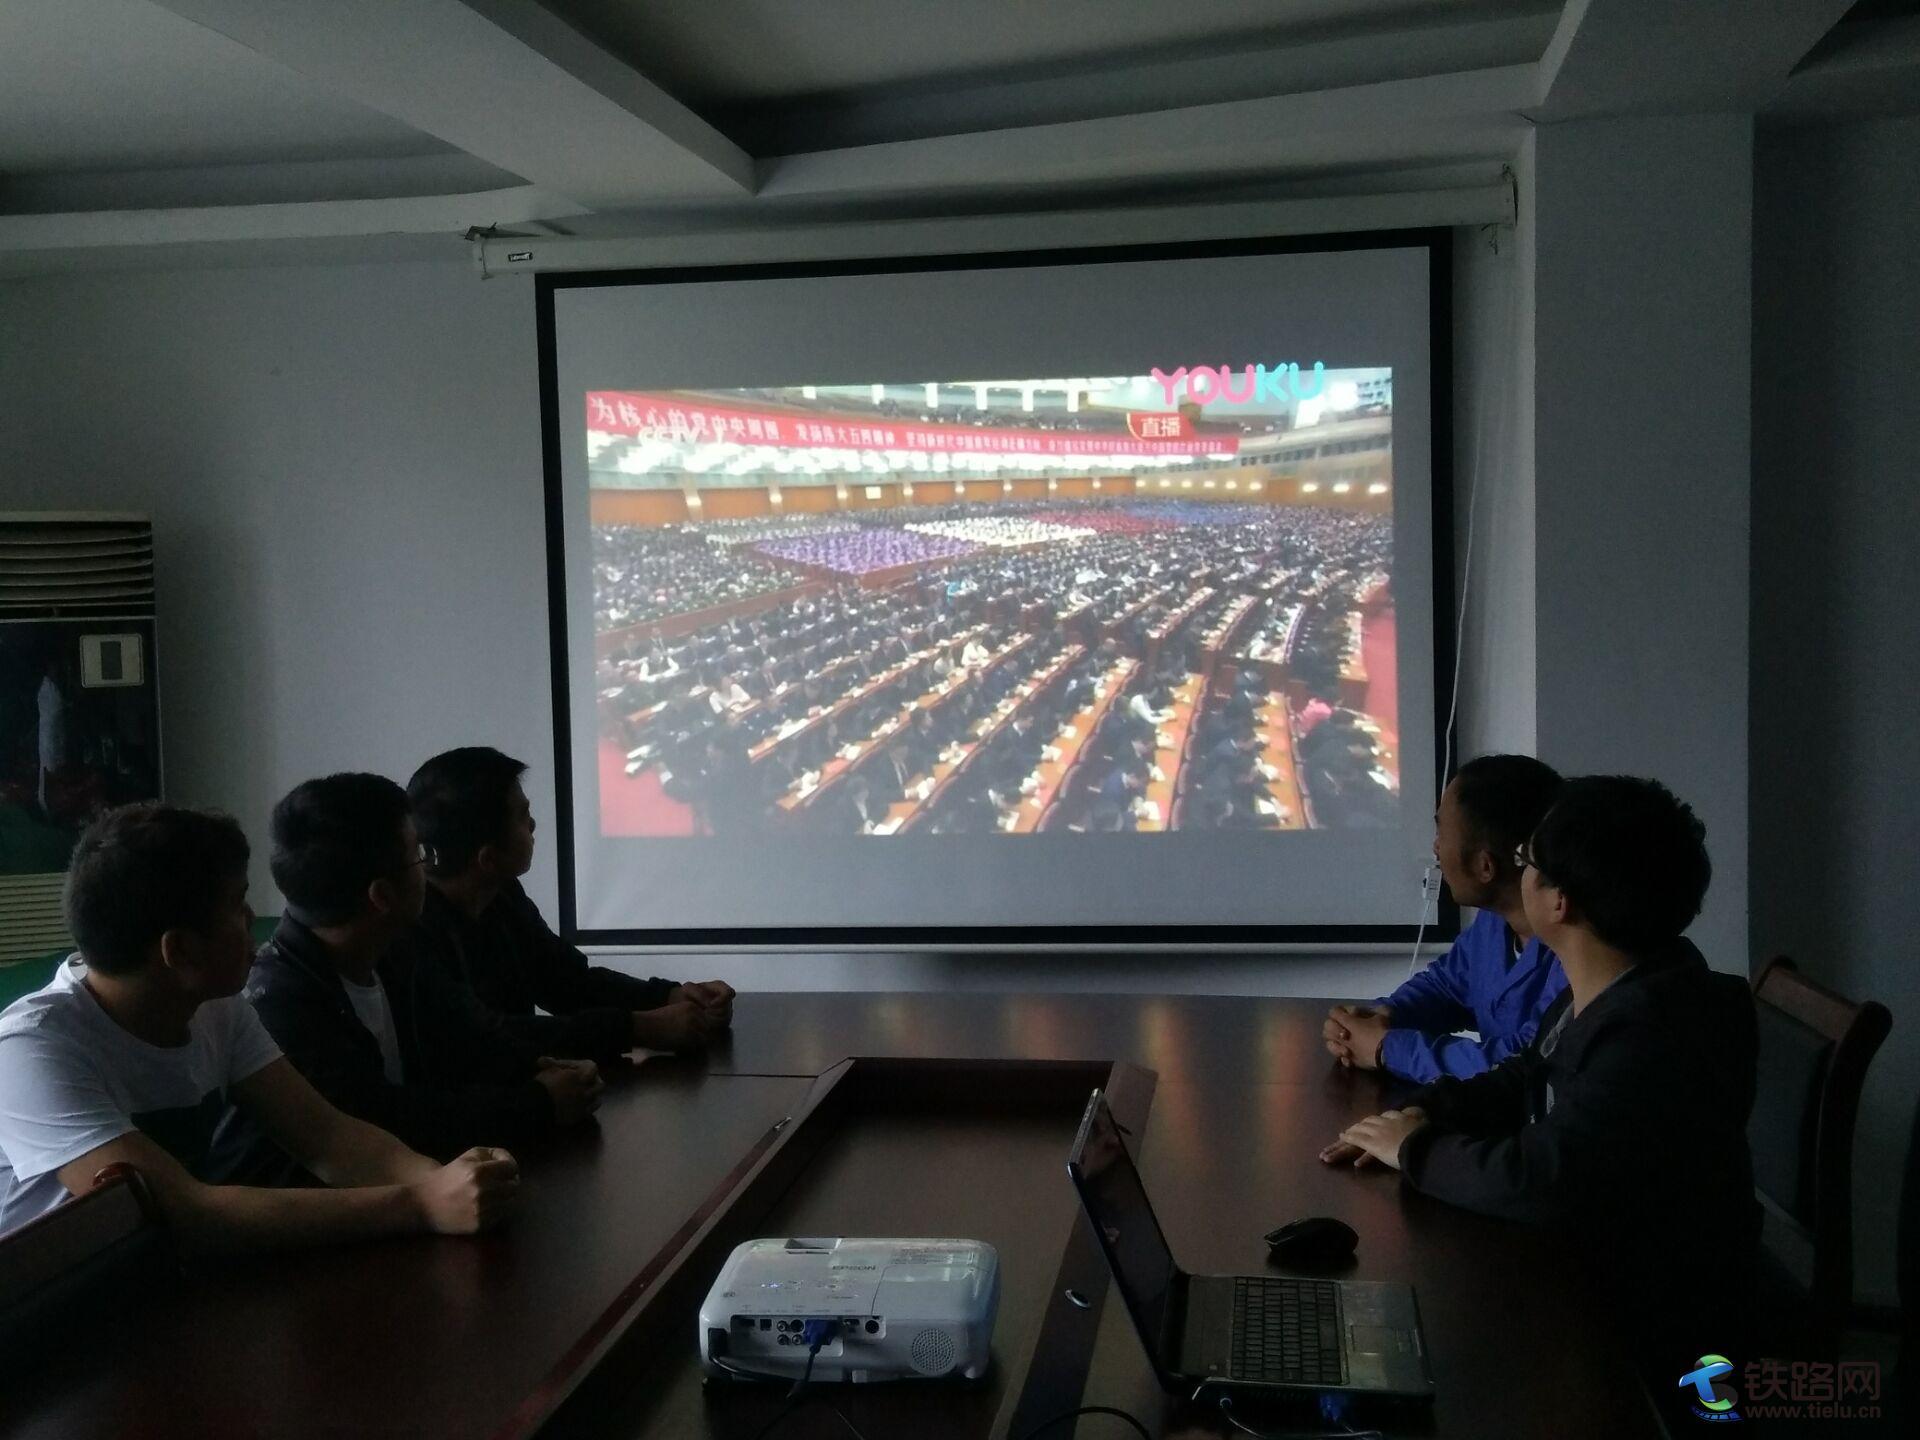 中铁武汉电气化局运营维管工程公司贵阳项目部青年员工观看《纪念五四运动100周年》大会.jpg